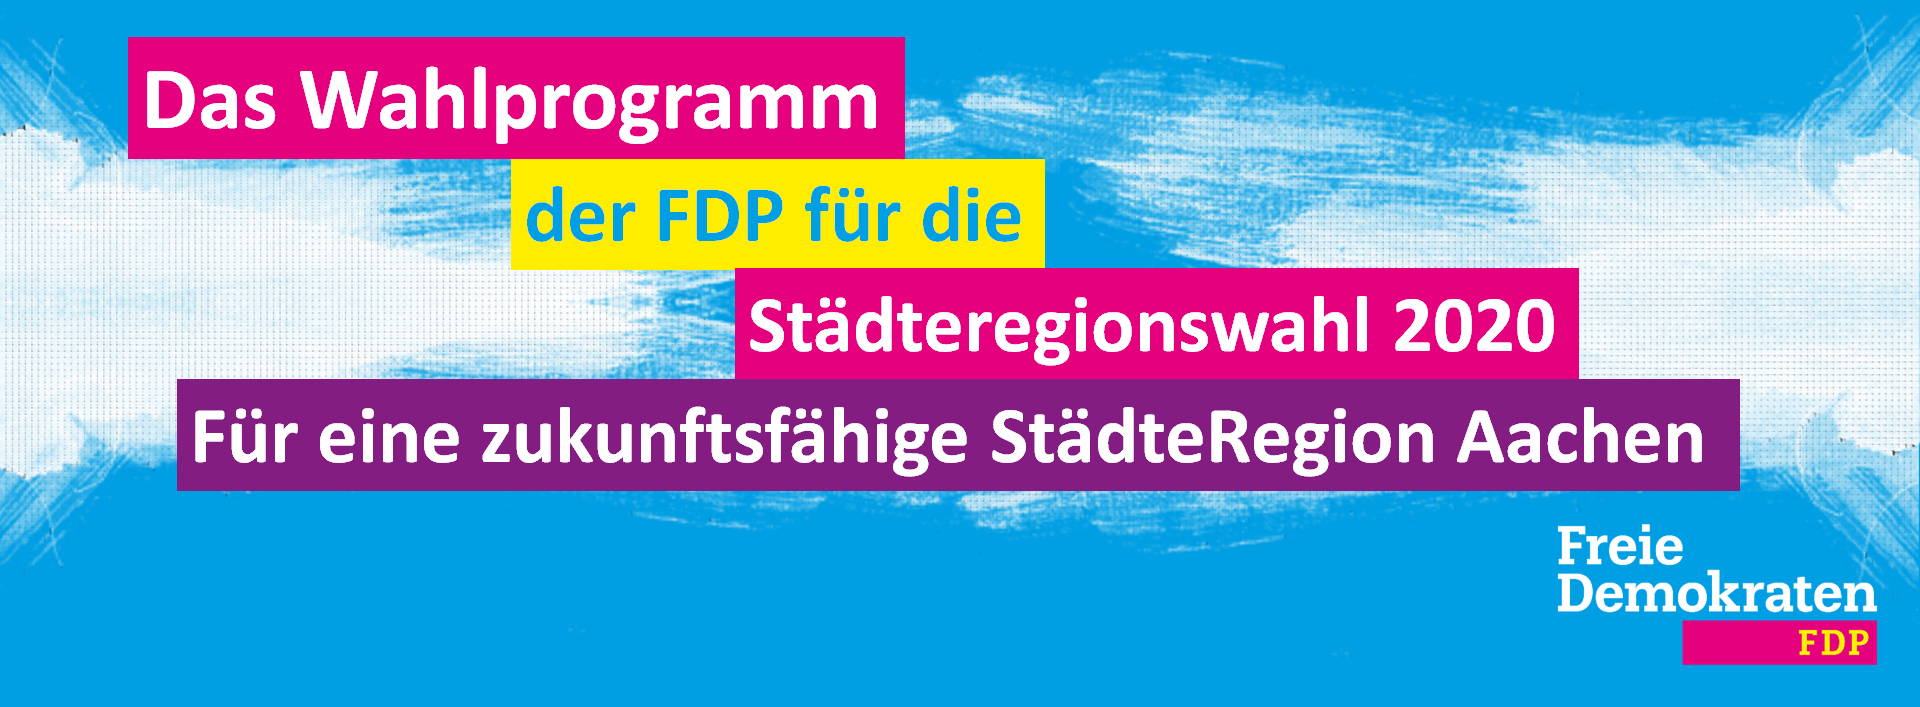 Wahlprogramm der FDP für die Städteregionswahl im Jahr 2020